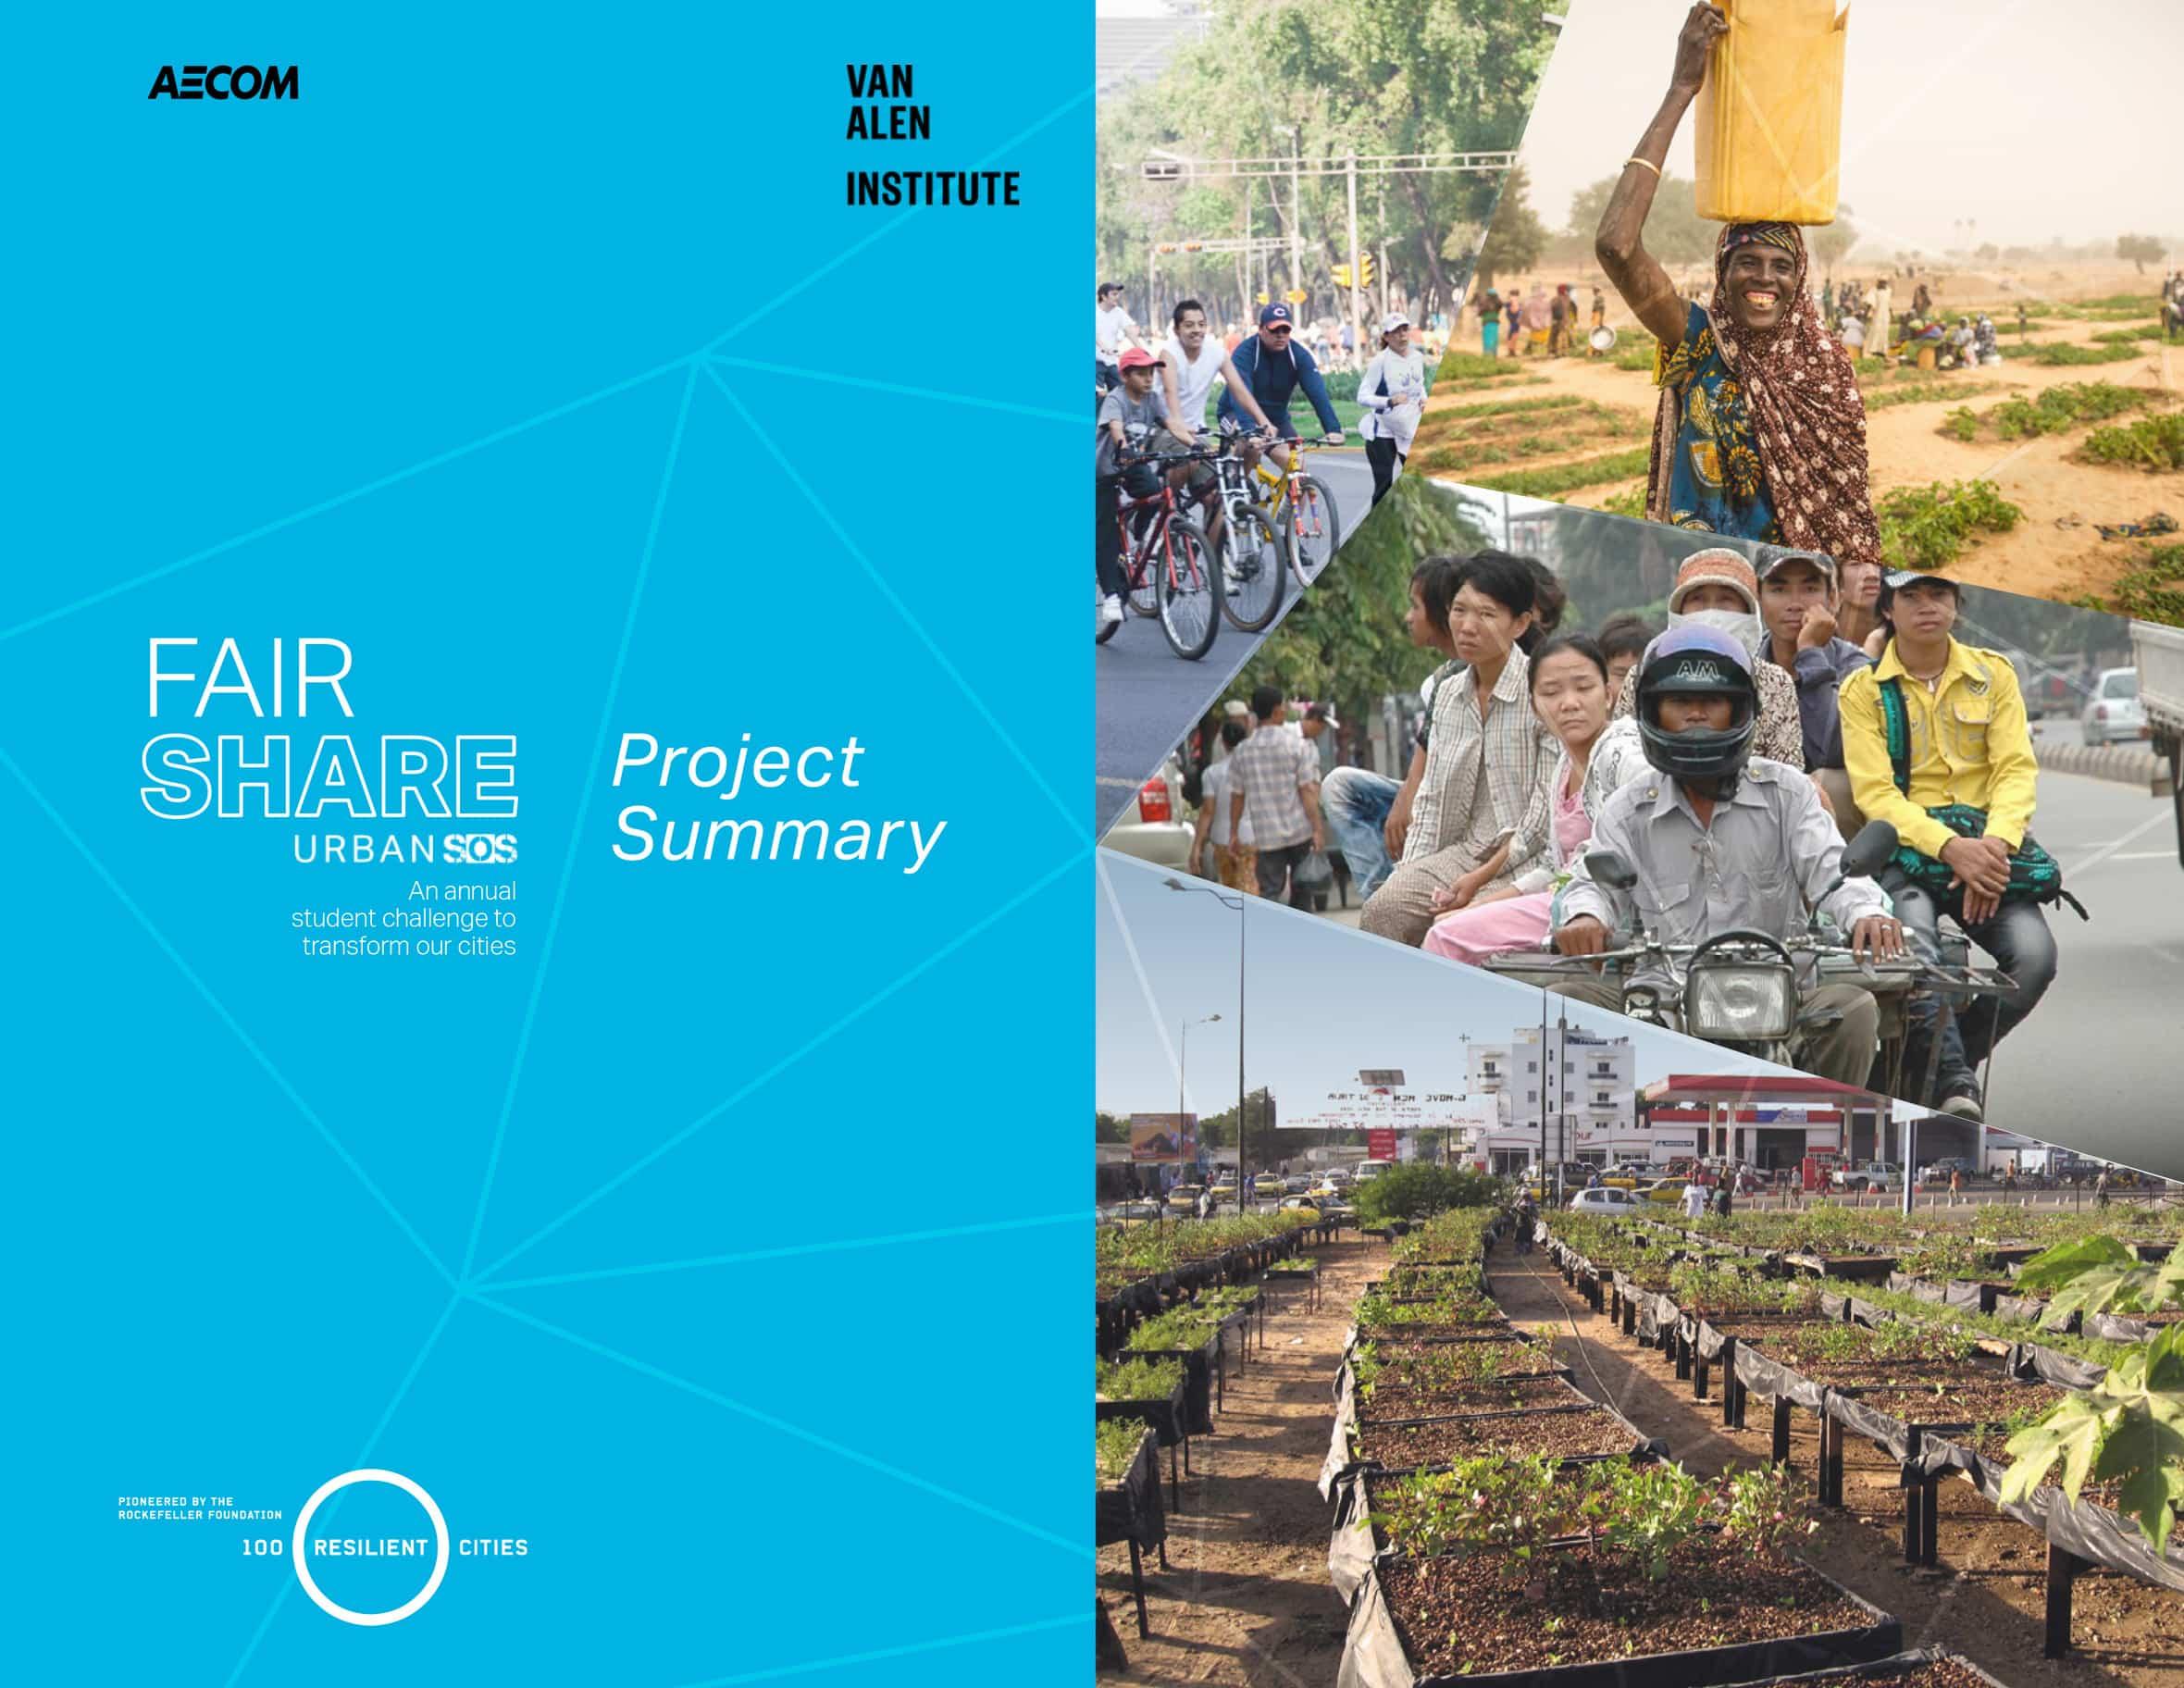 Urban SOS: Fair Share Project Summary